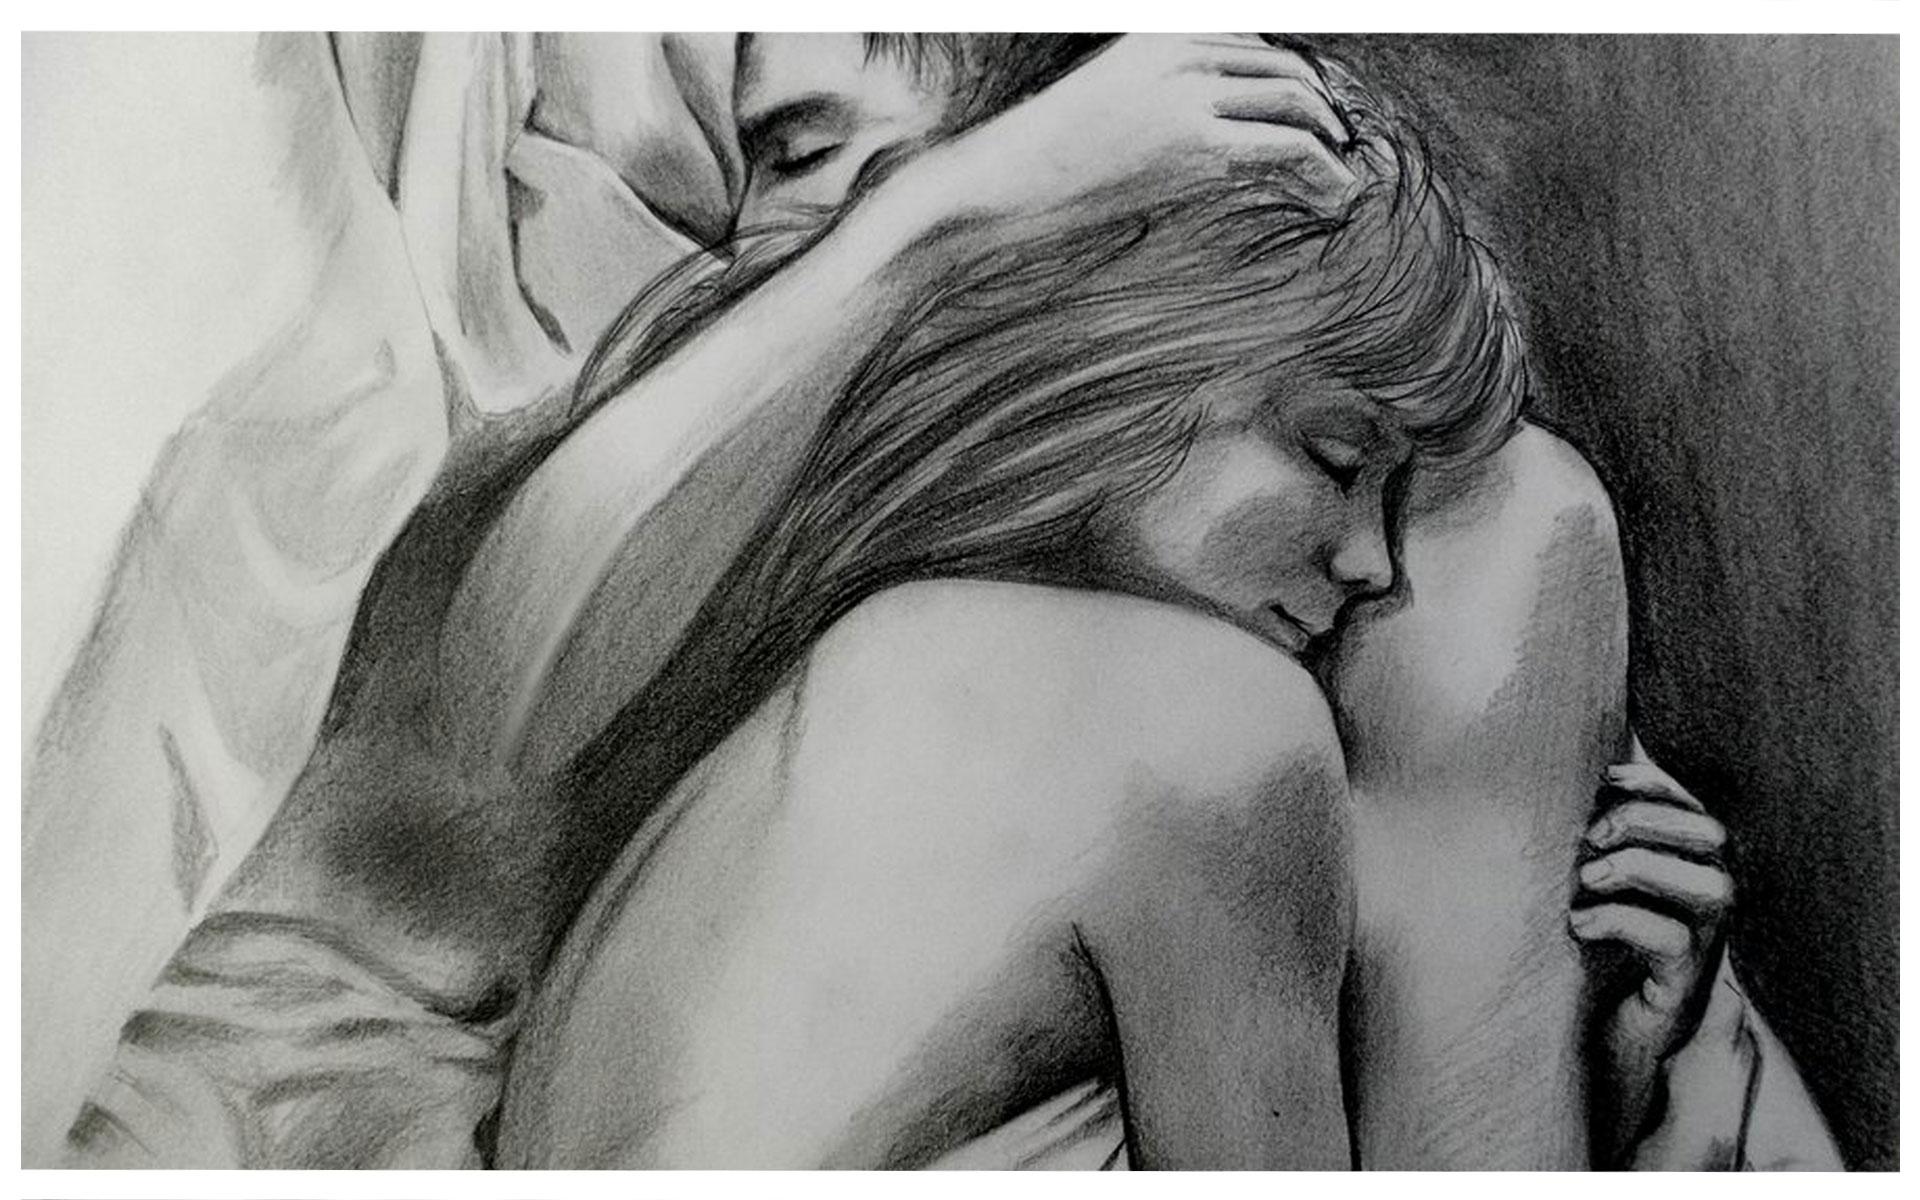 Красивые картинки любовь страсть нежность скучаю